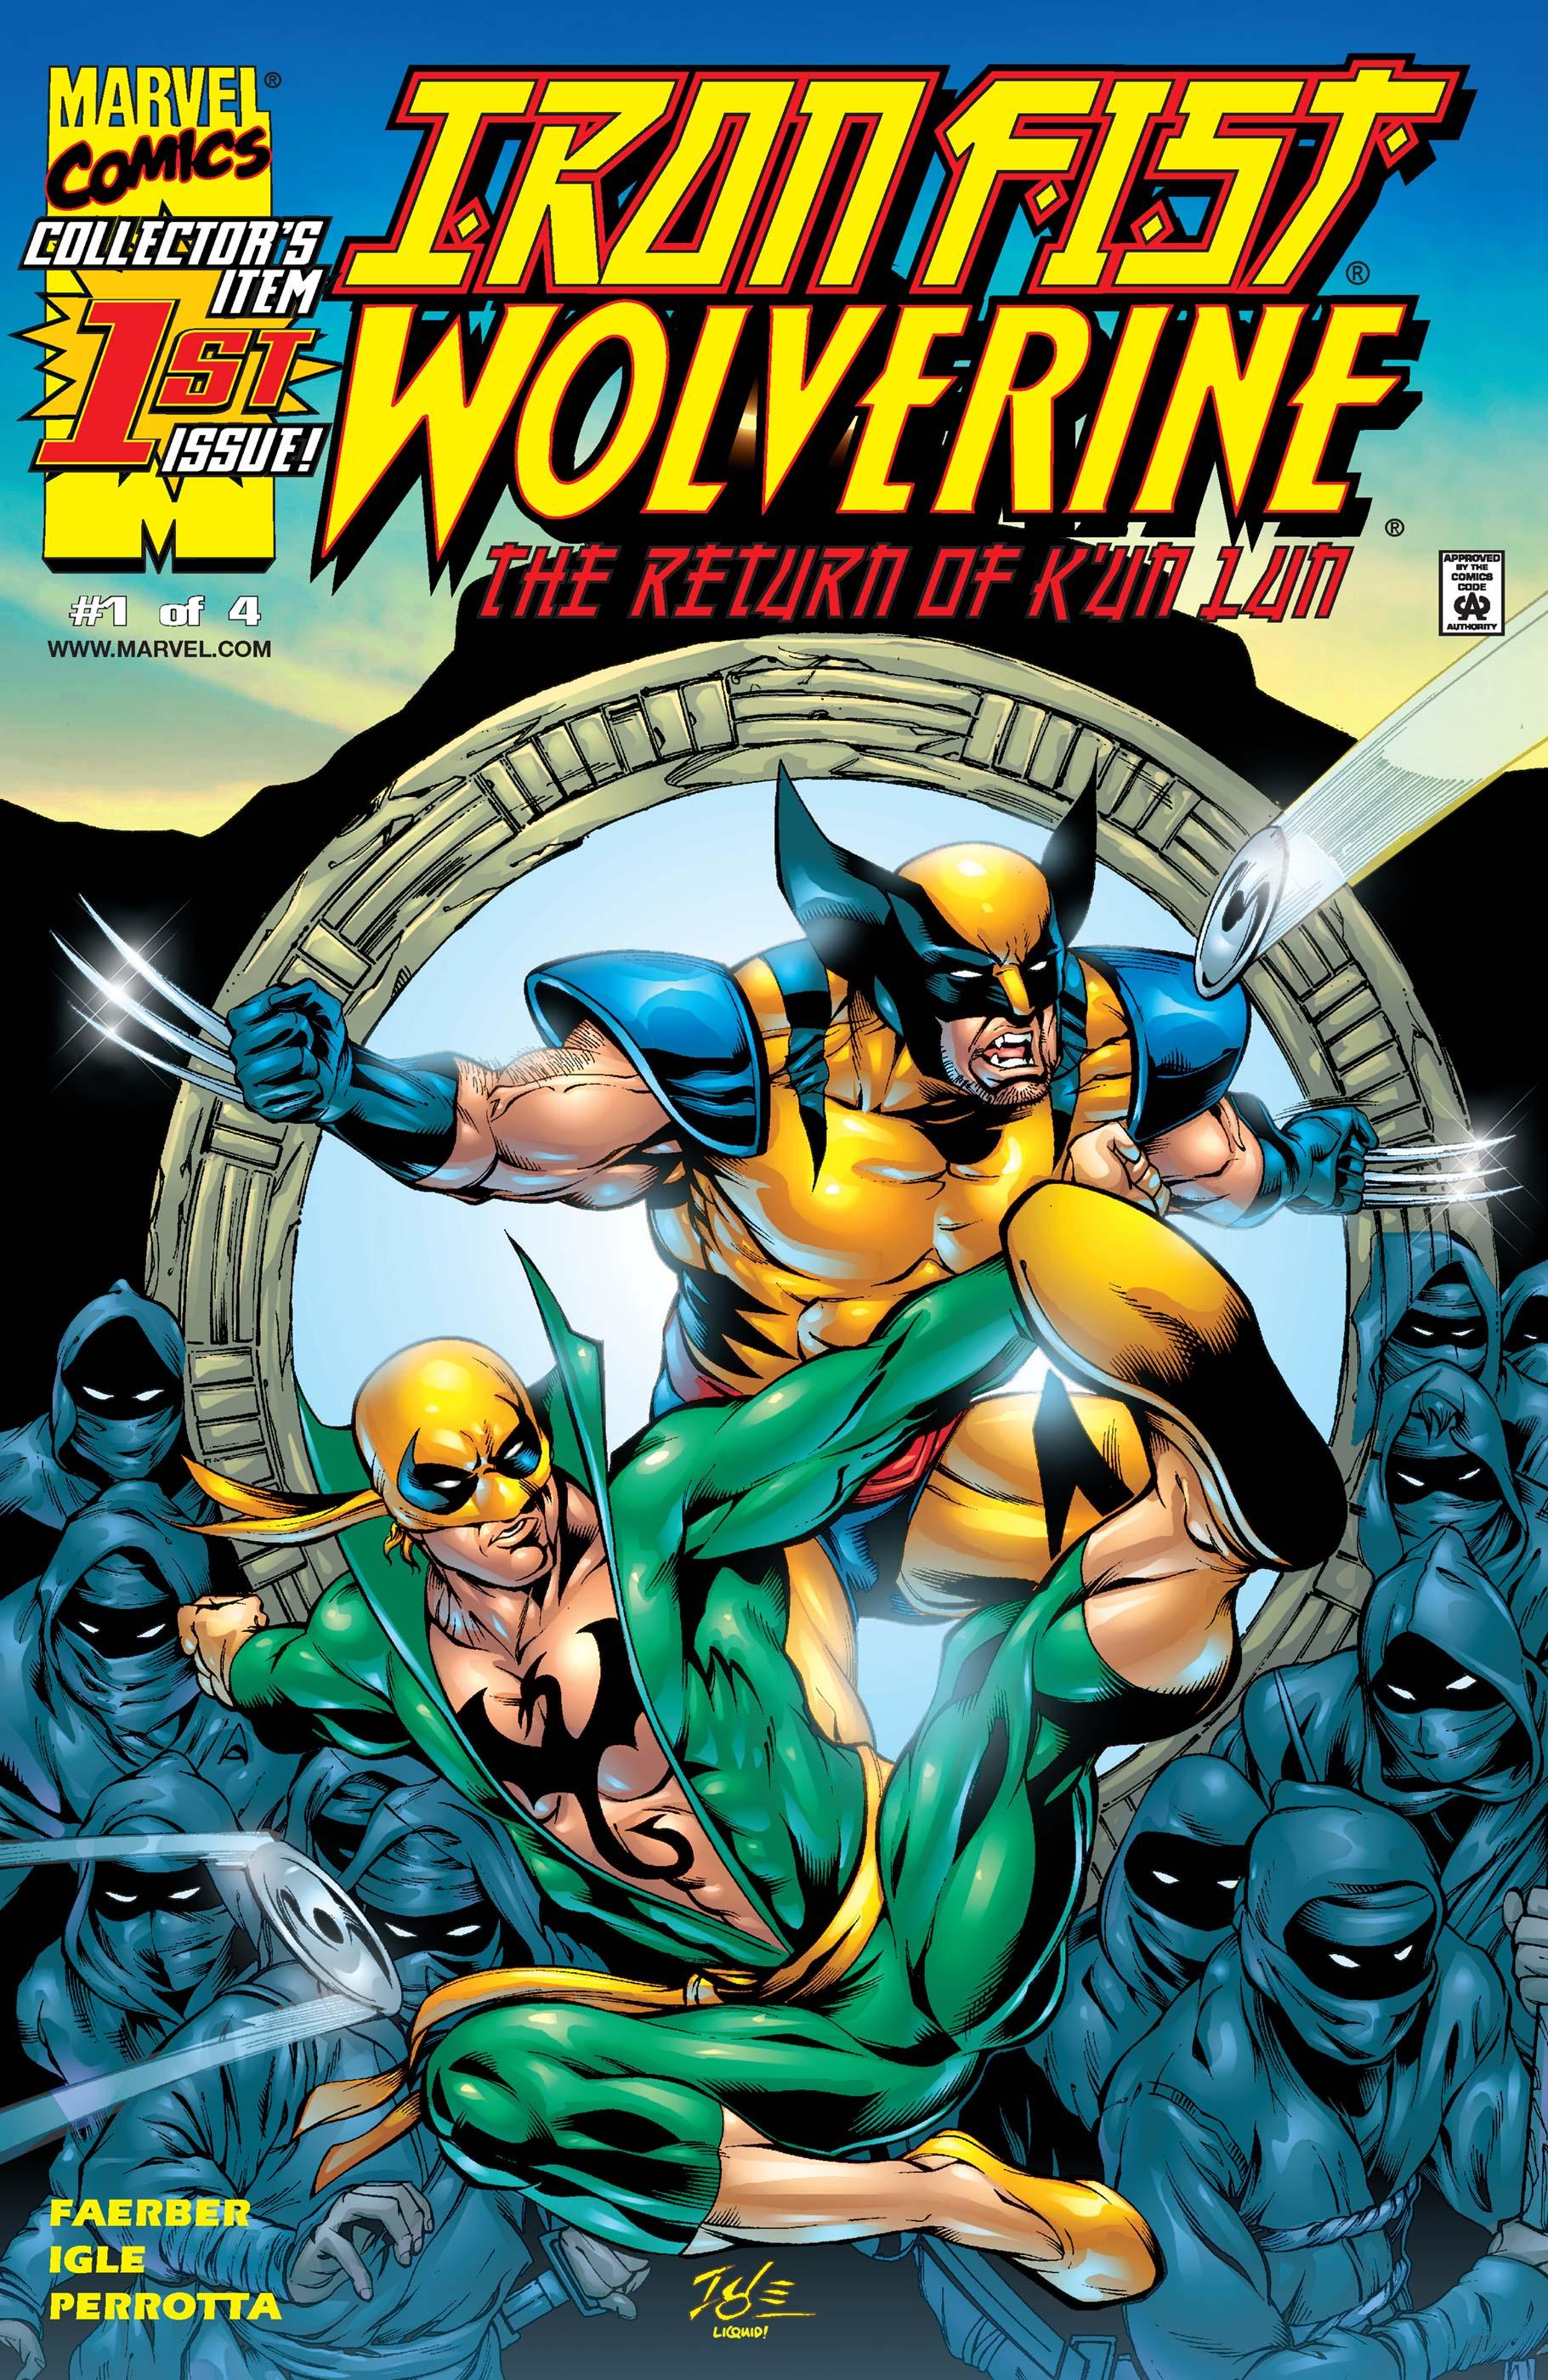 Iron Fist/Wolverine (2000) #1